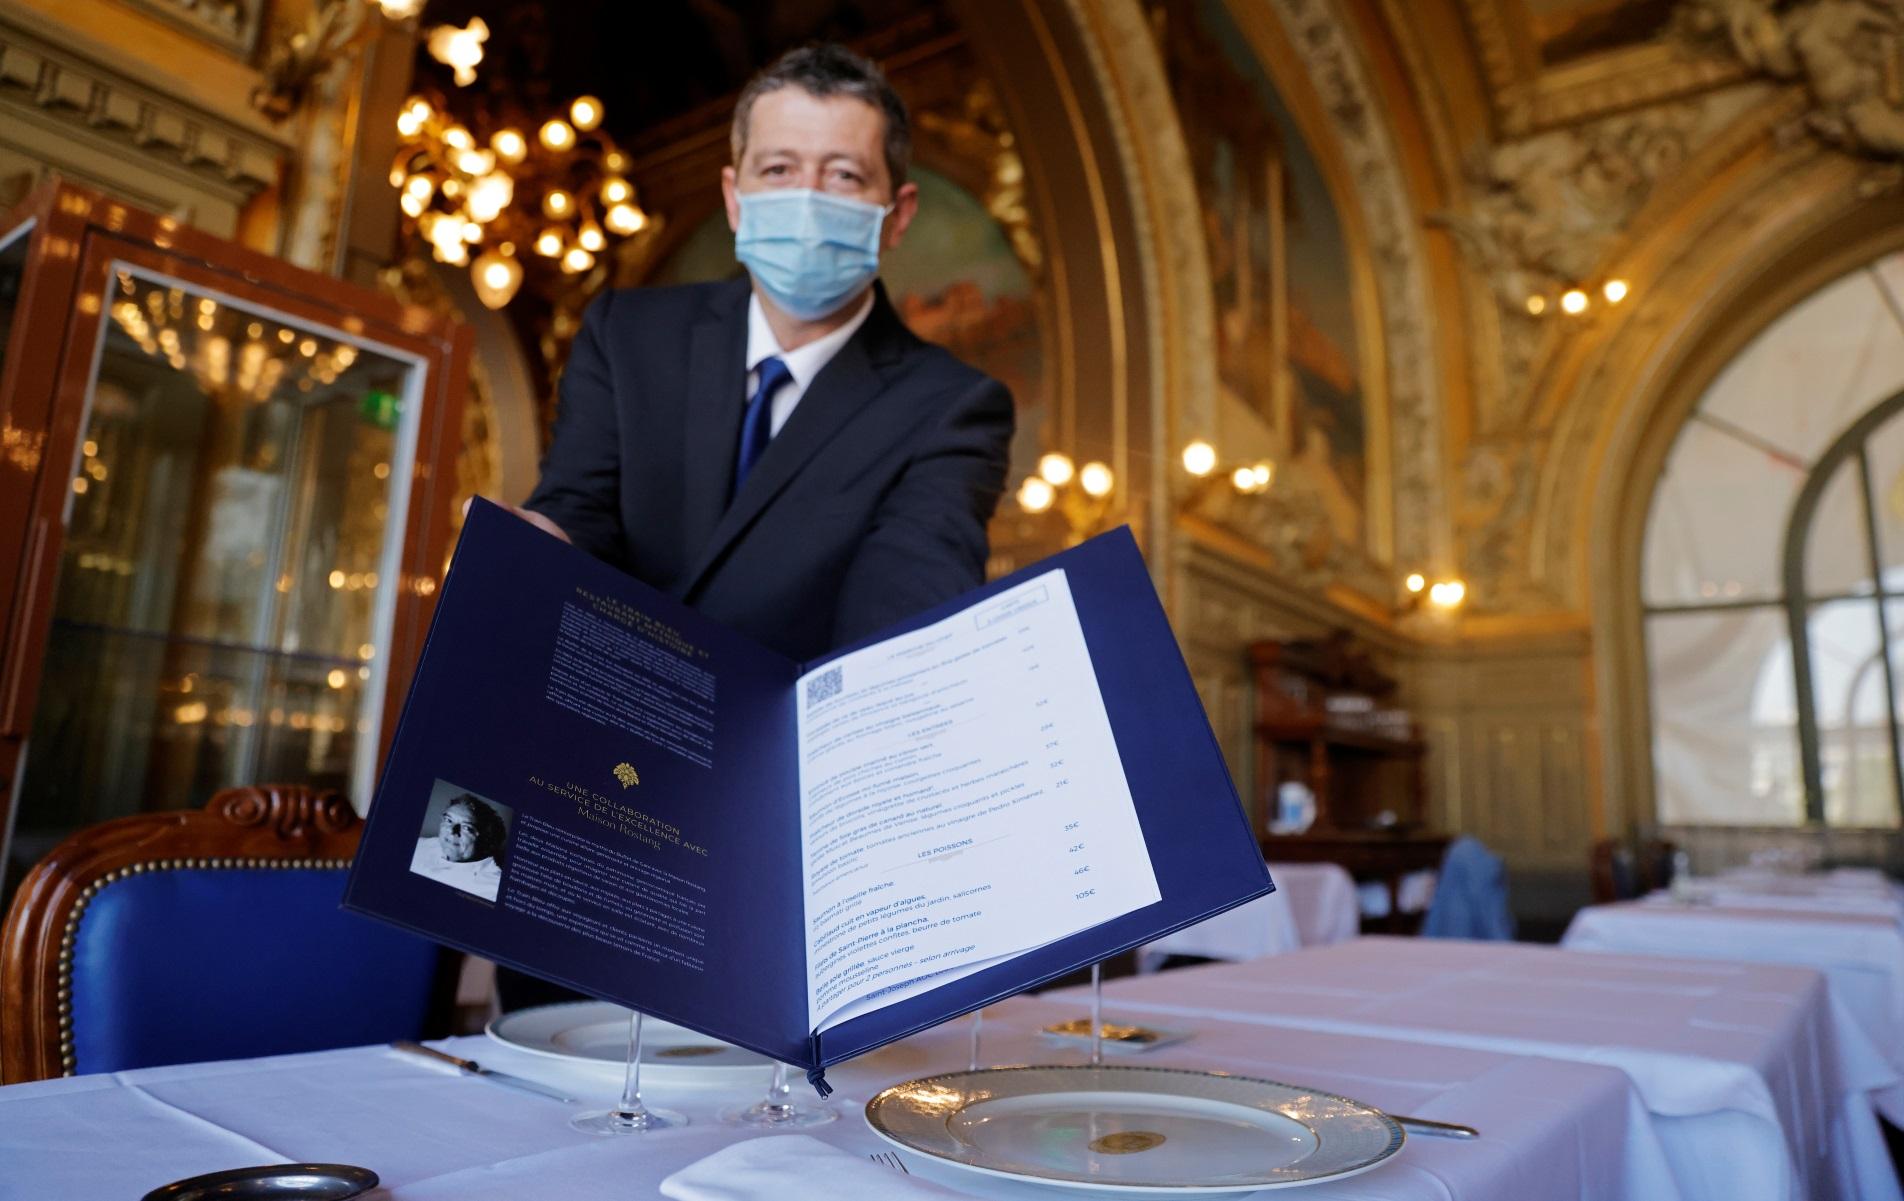 Κορονοϊός: Εστιατόρια και καφέ ξανανοίγουν τους εσωτερικούς τους χώρους σε Γαλλία και Βέλγιο